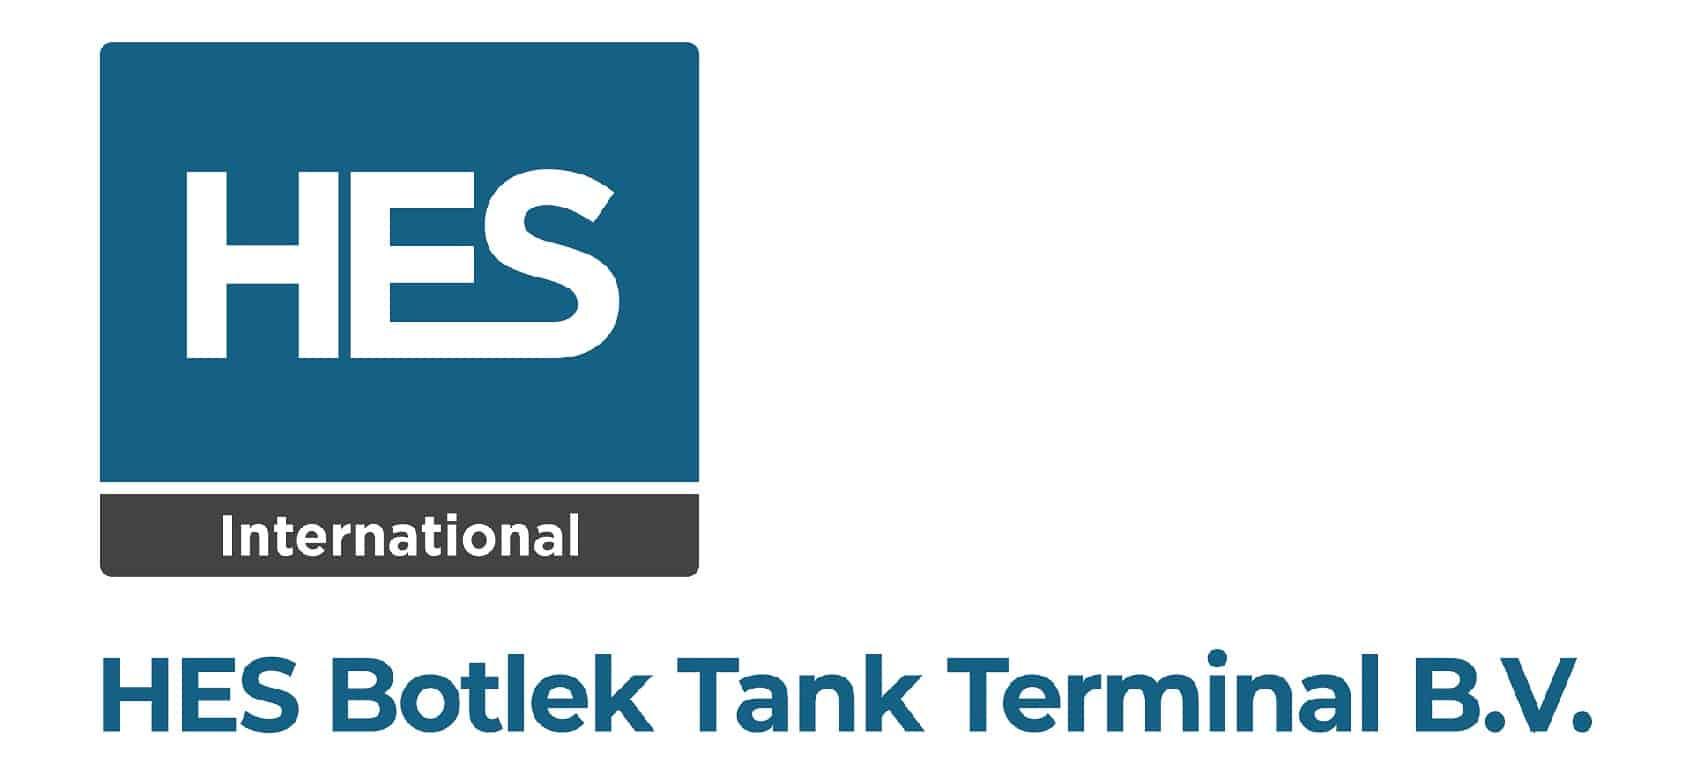 HES Botlek Tank Terminal